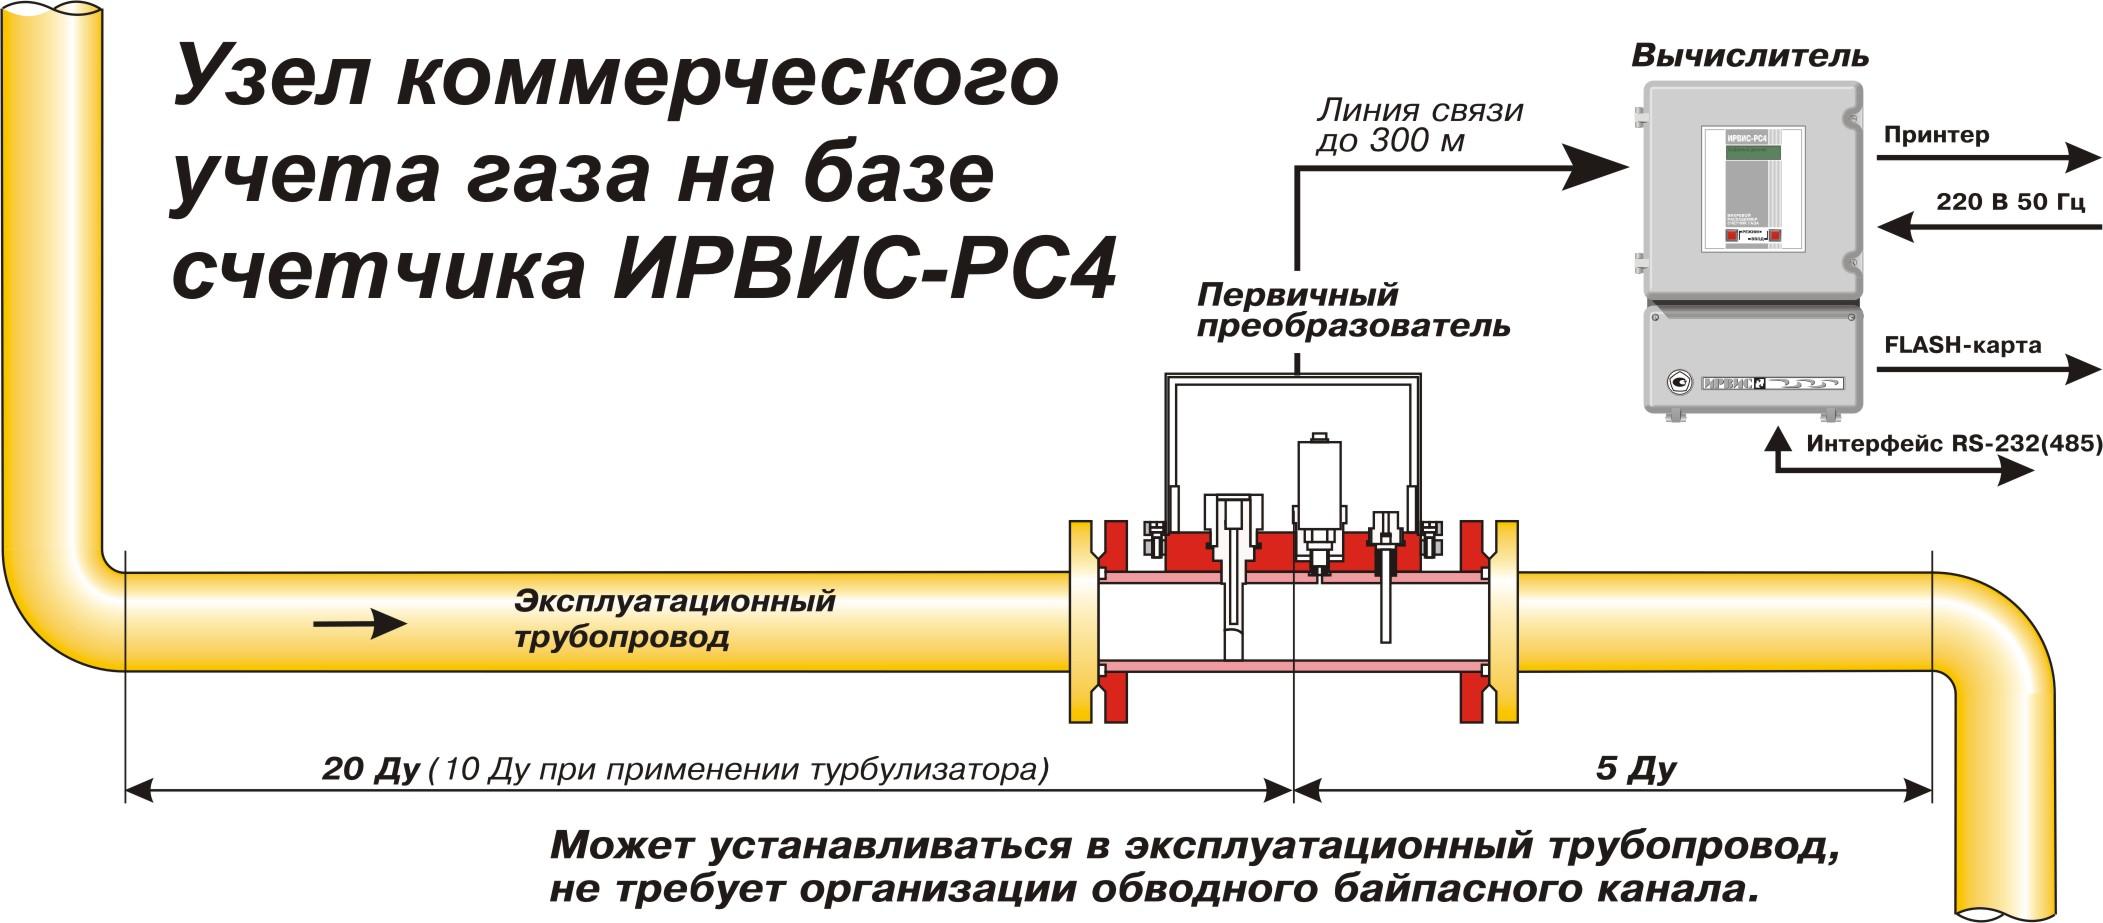 Приборы для измерения расхода